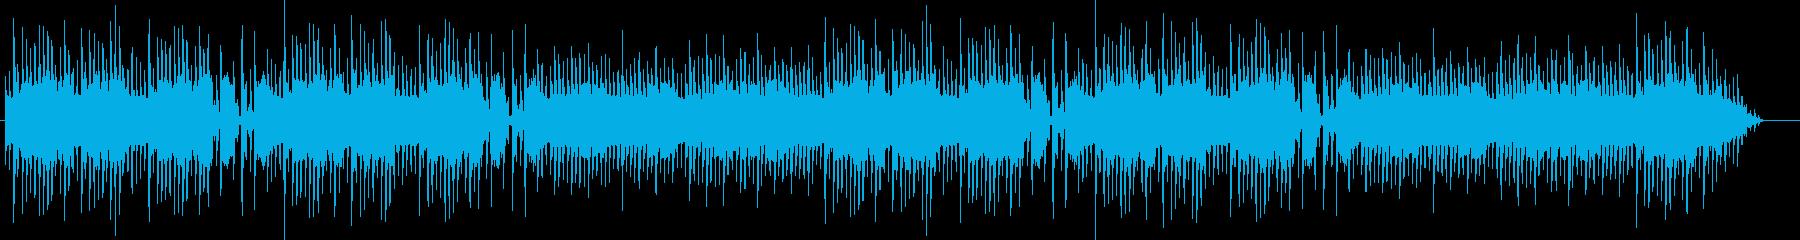 ファミコンゲーム風のブギウギ調ループの再生済みの波形